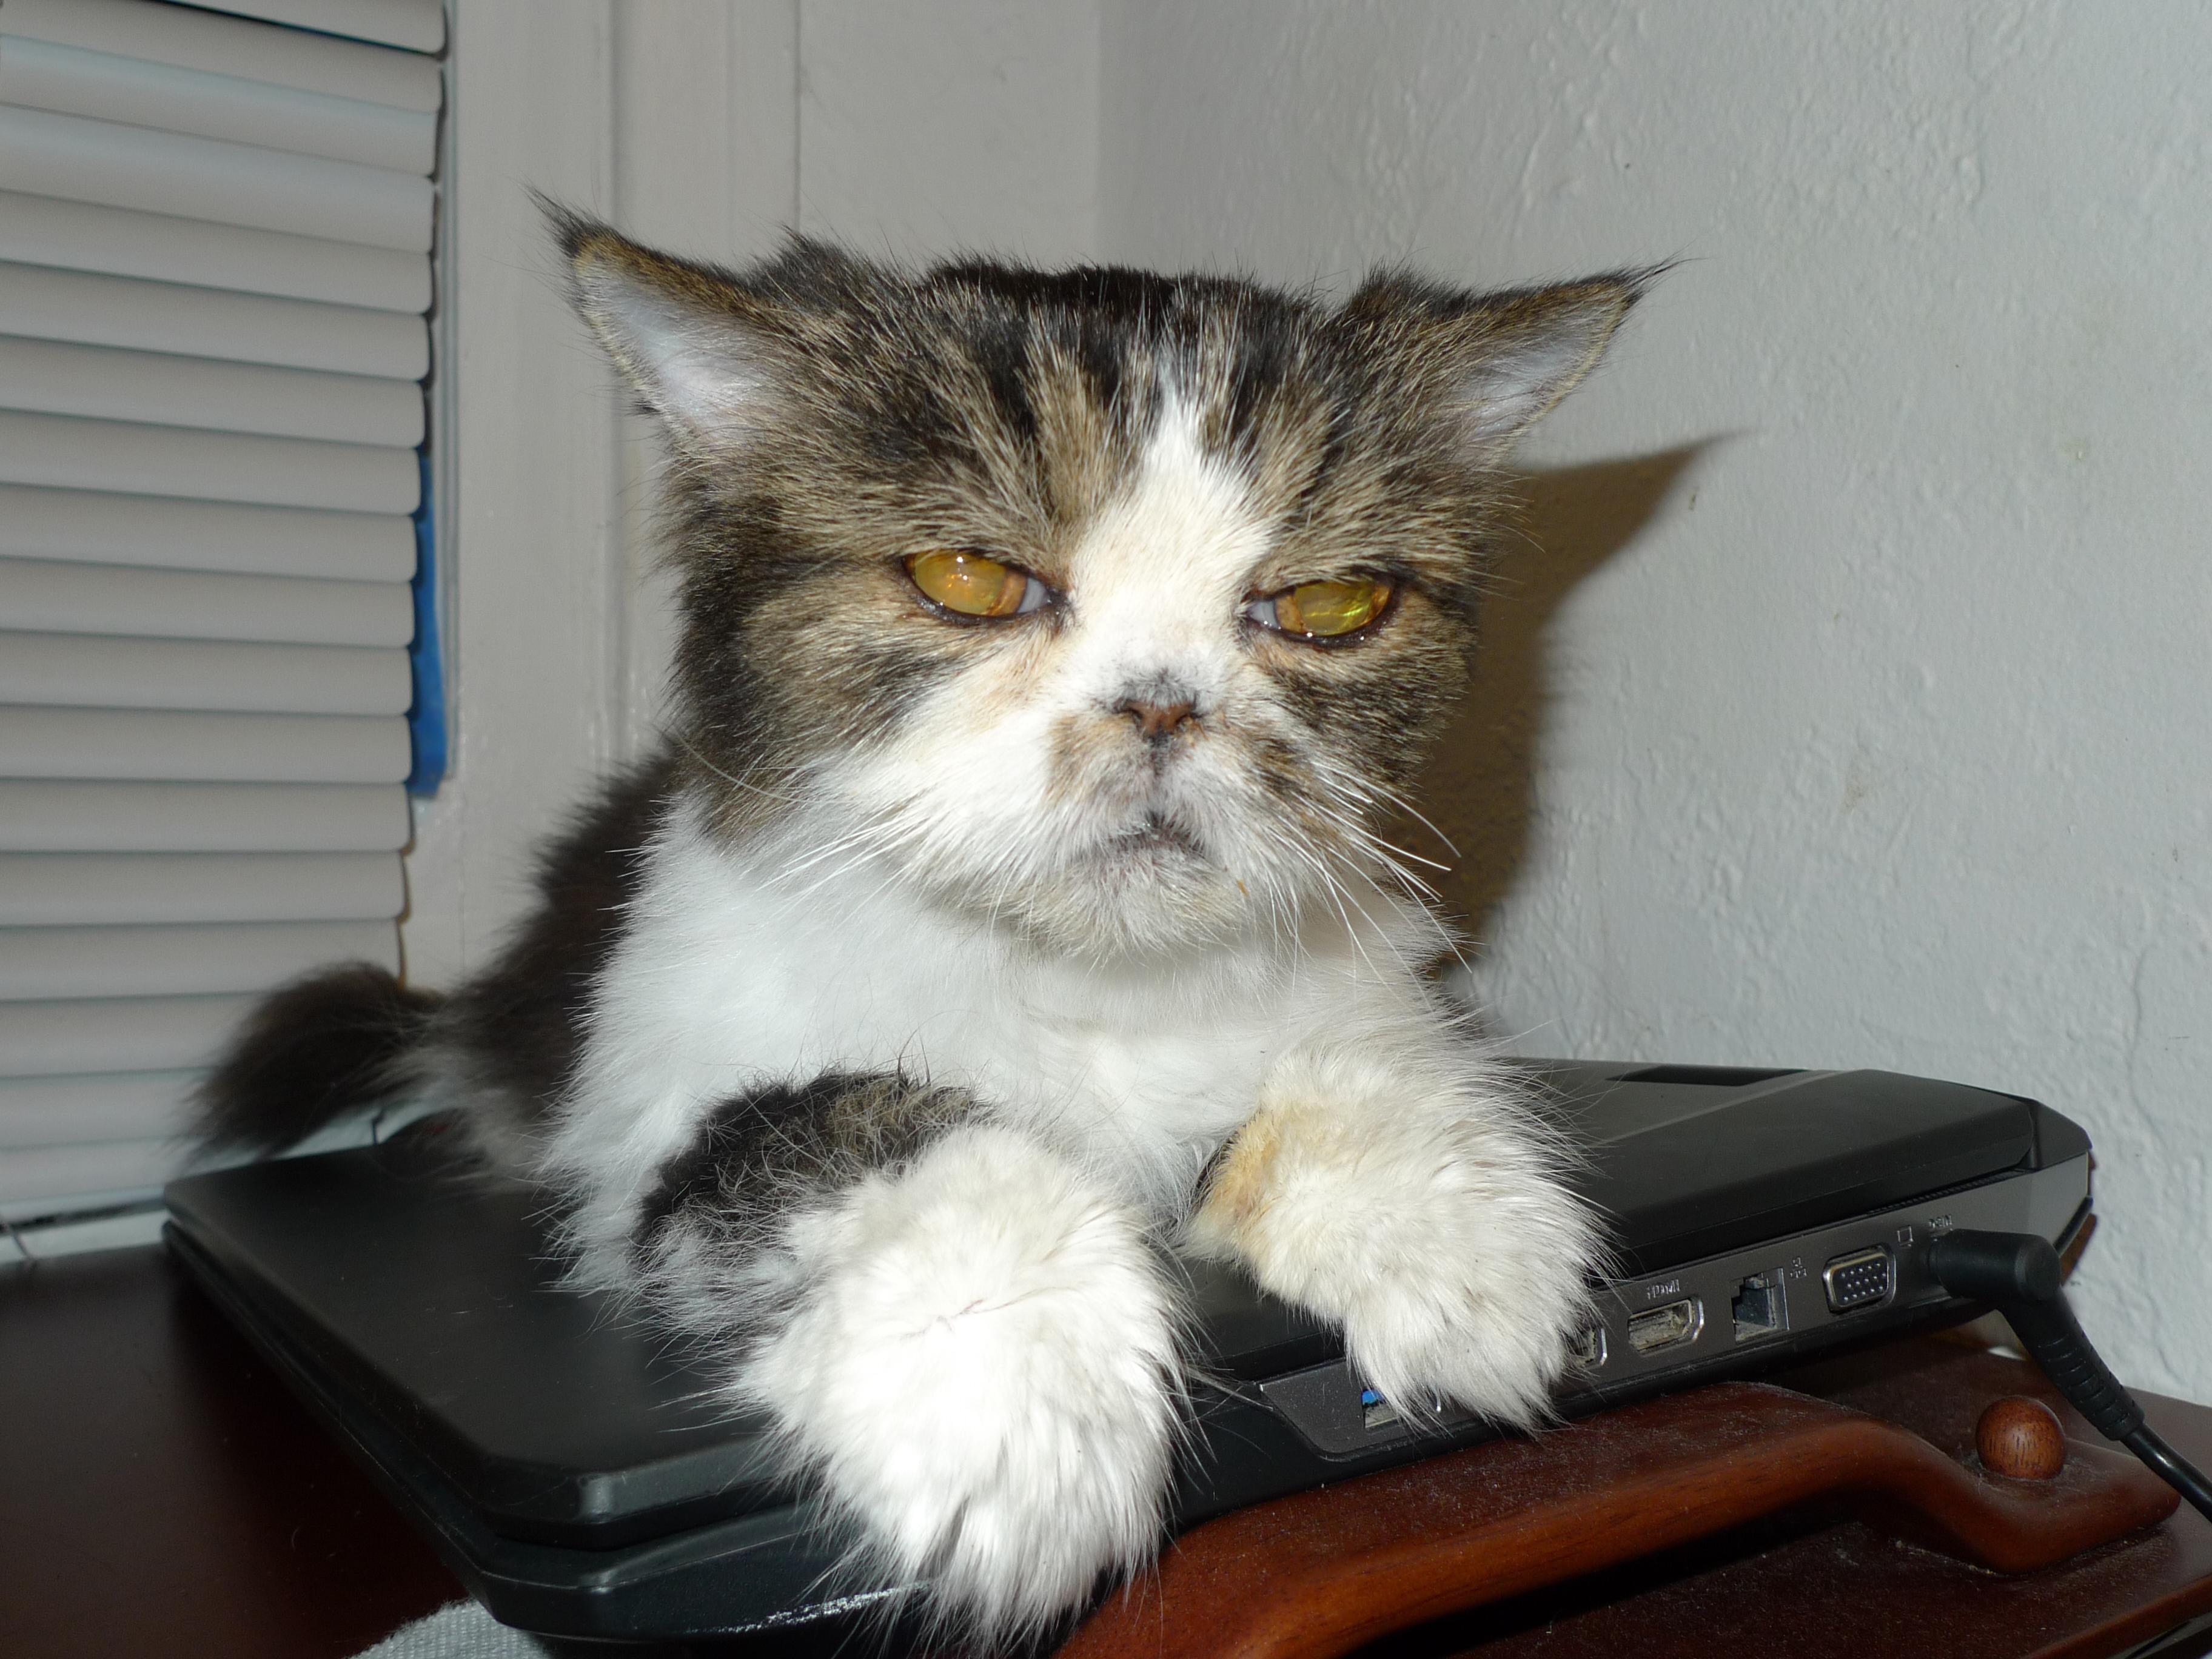 gambarpurr lexus persian kitty january 3 2015 19 years